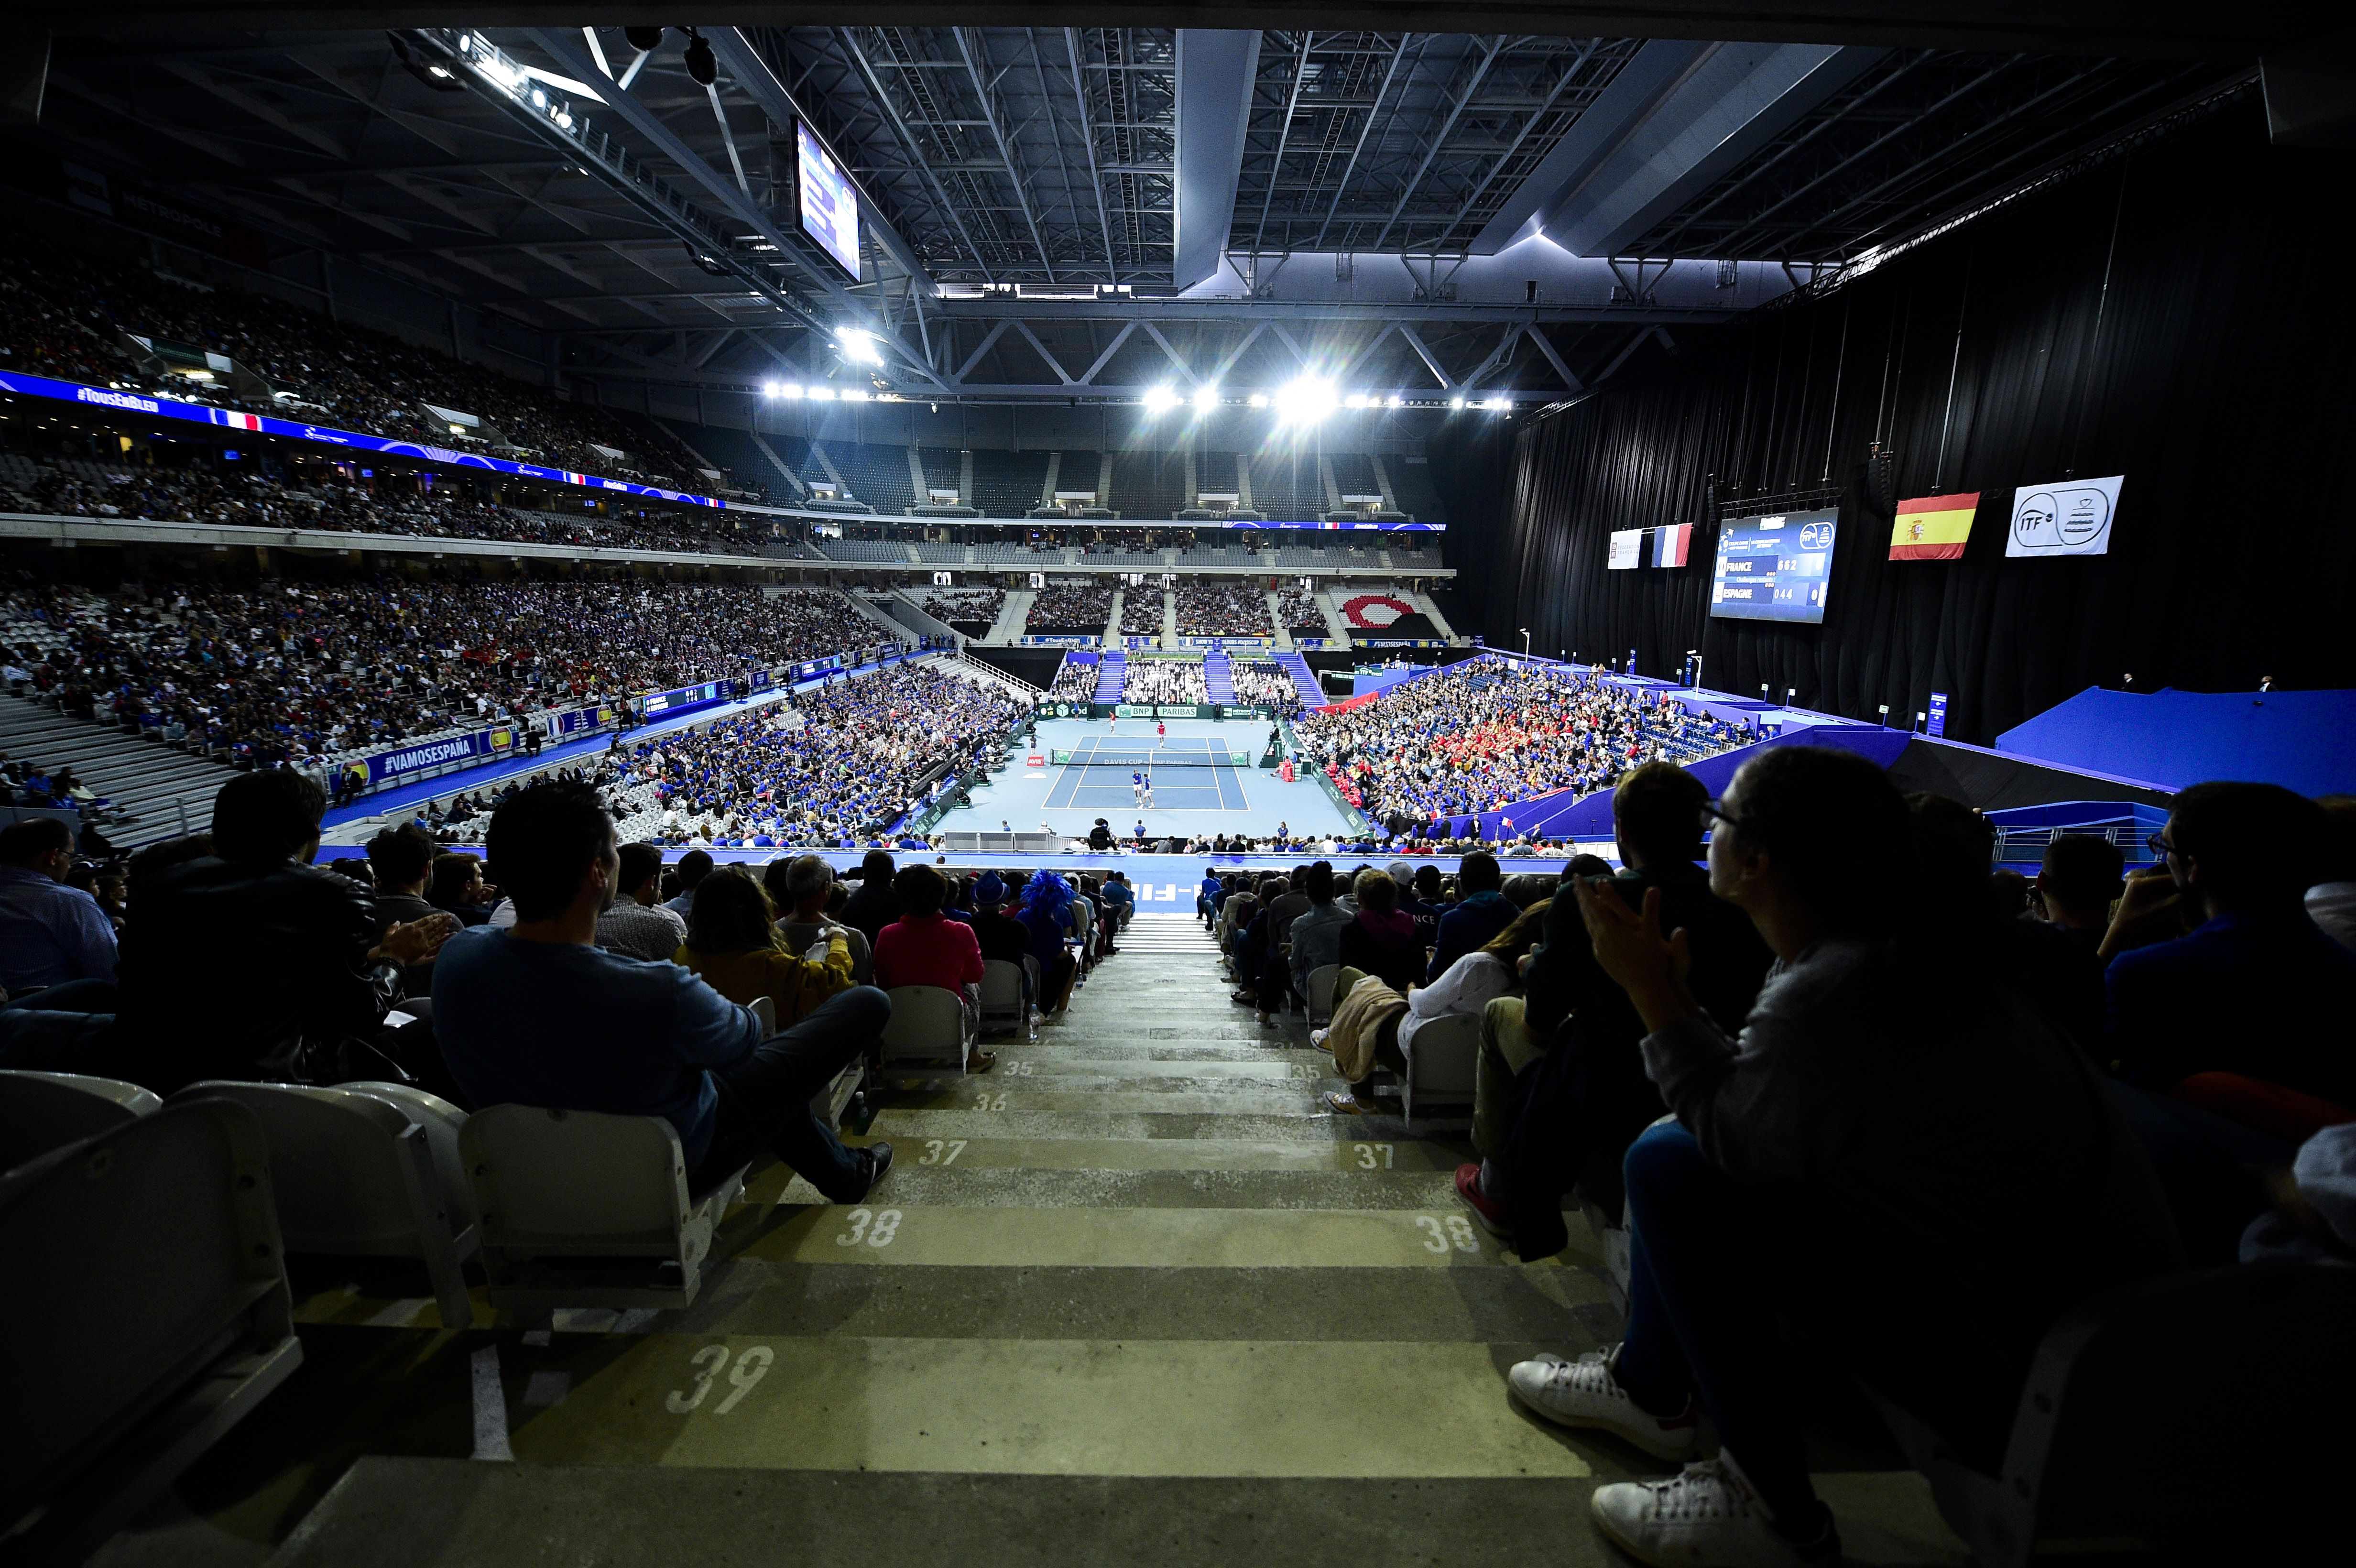 Tennis - Coupe Davis - Coupe Davis : la finale France-Croatie à Lille